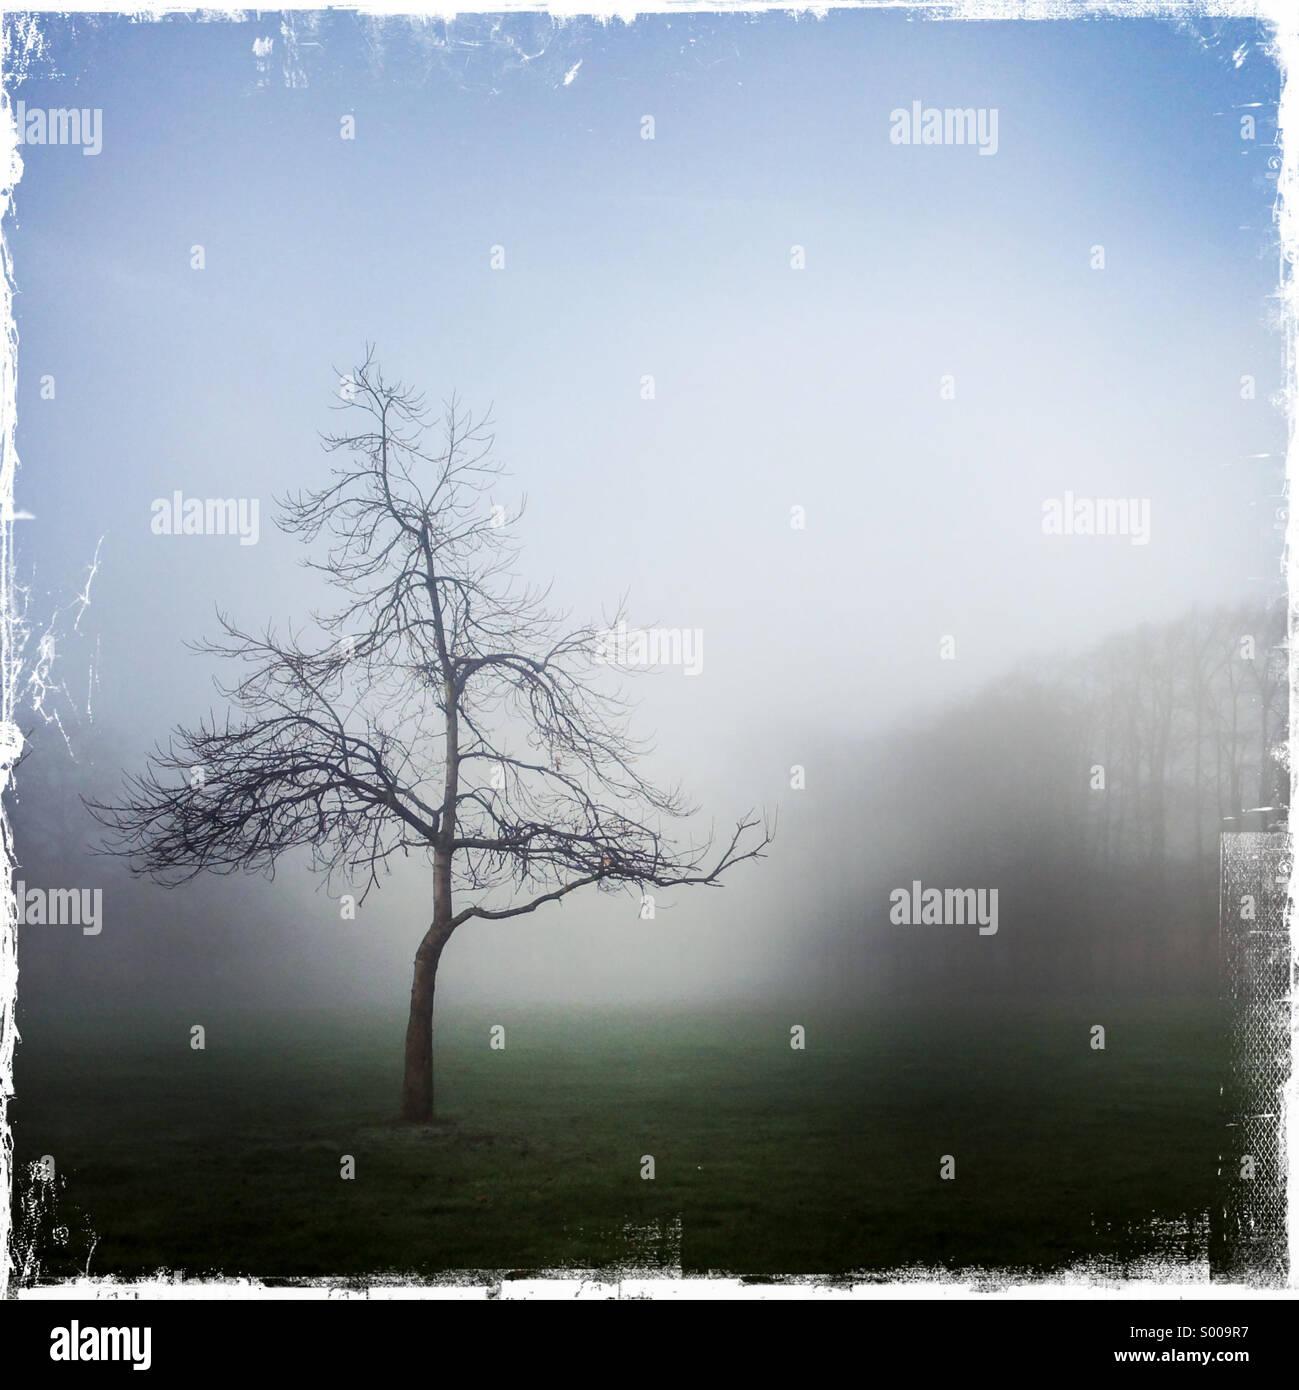 Baum im Nebel isoliert Stockbild